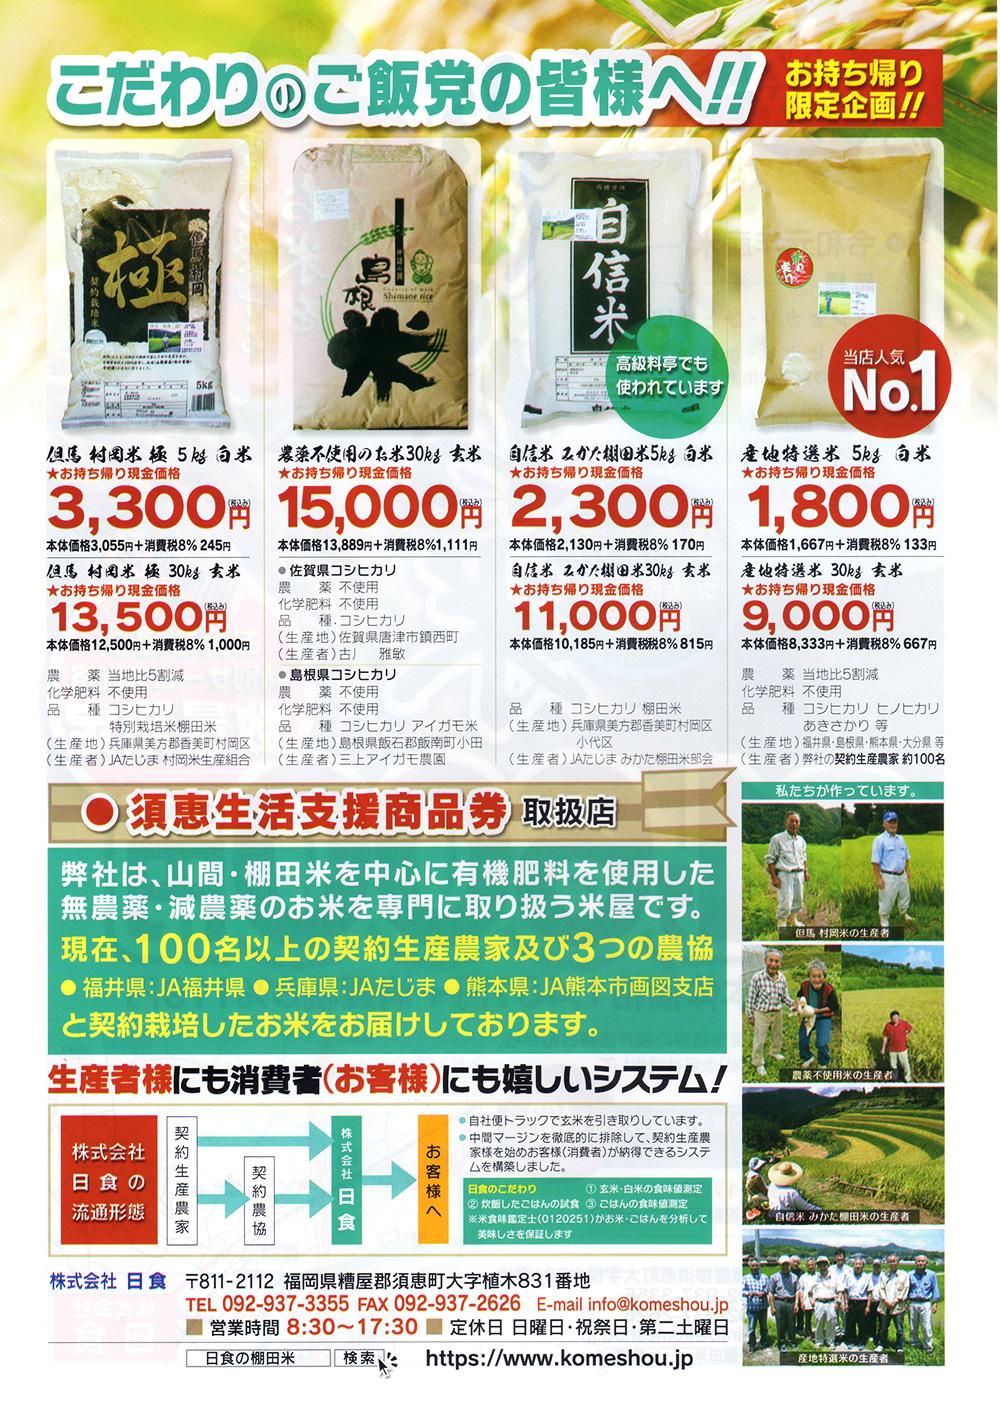 ㈱日食は、須恵町生活支援商品券の取扱店です!